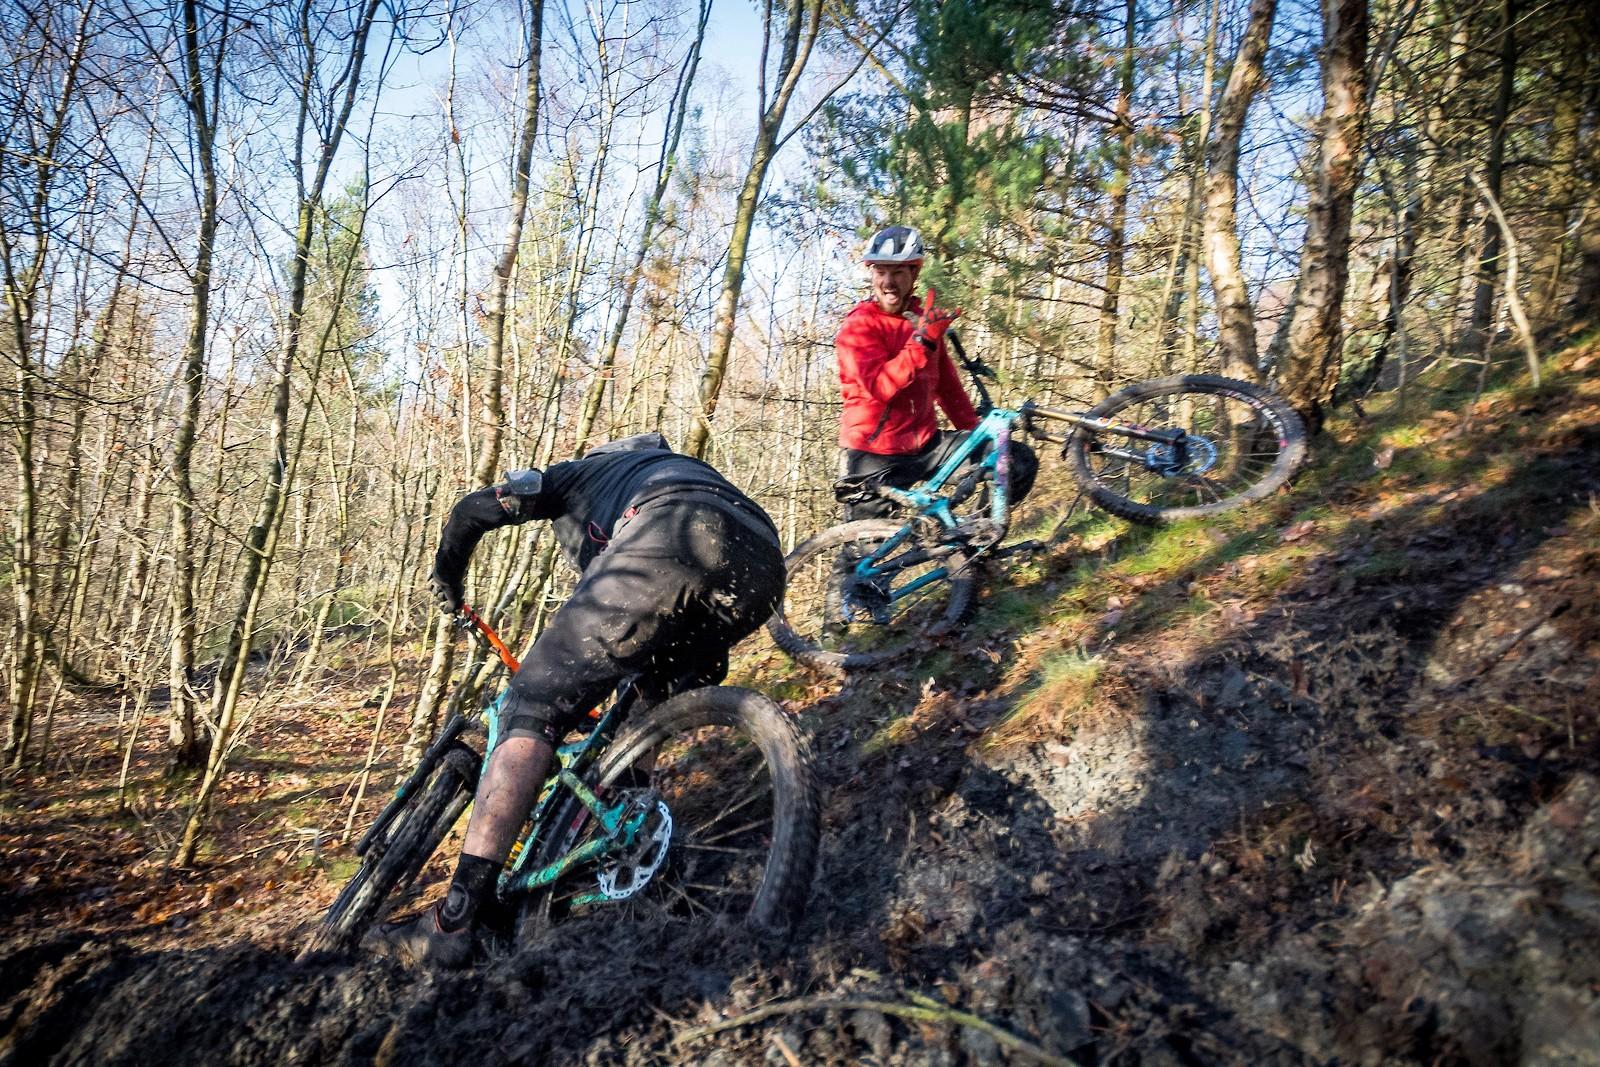 2A91891D-6622-49E2-9EF5-962F2A33621B - 89dn11 - Mountain Biking Pictures - Vital MTB